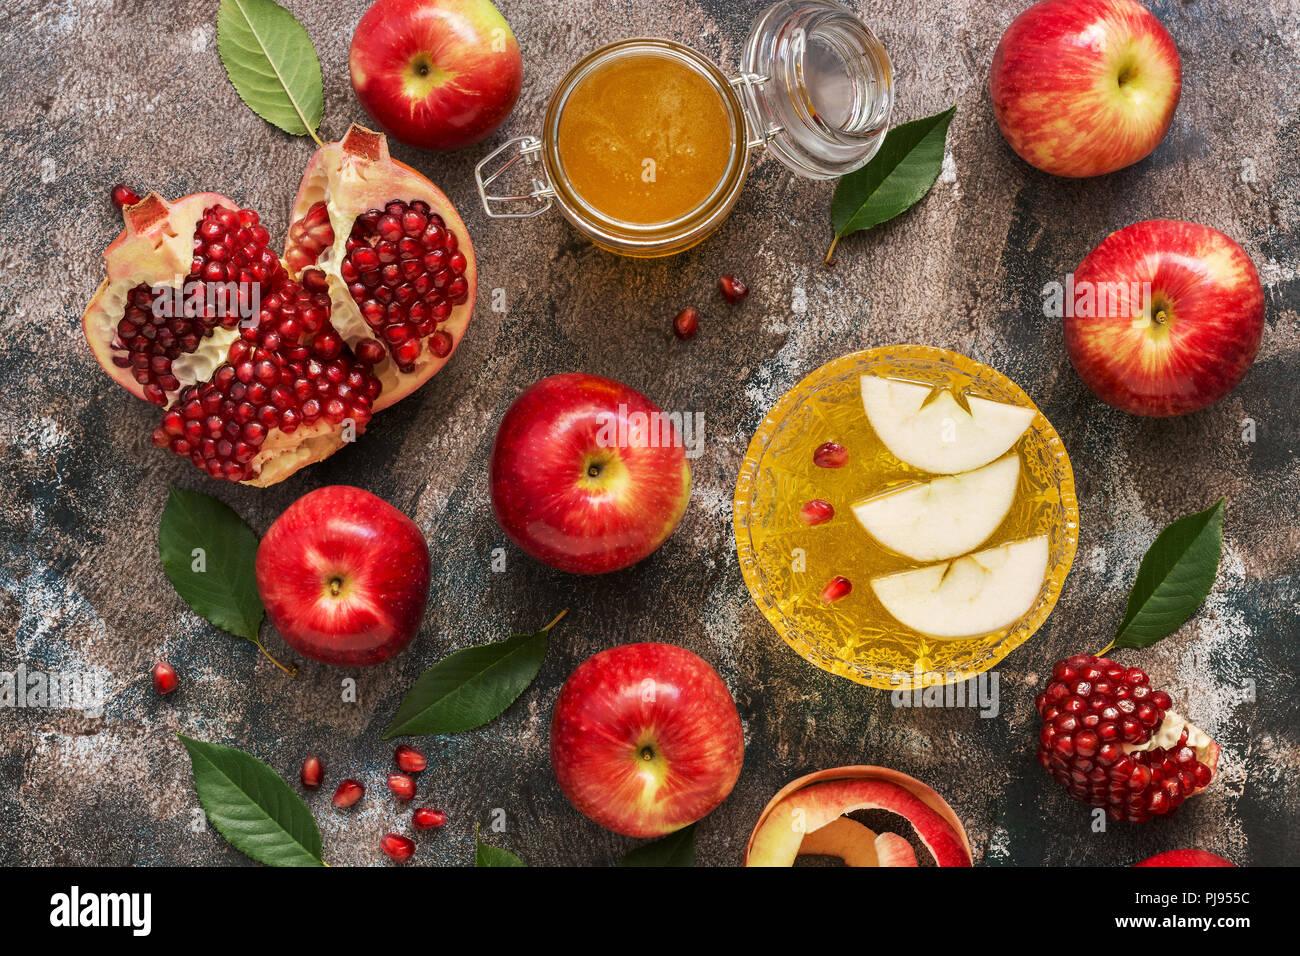 Pommes rouges, de grenade et de miel. Nouvelle année - Roch Hachana. La nourriture traditionnelle juive. Vue de dessus, les frais généraux, de mise à plat Photo Stock